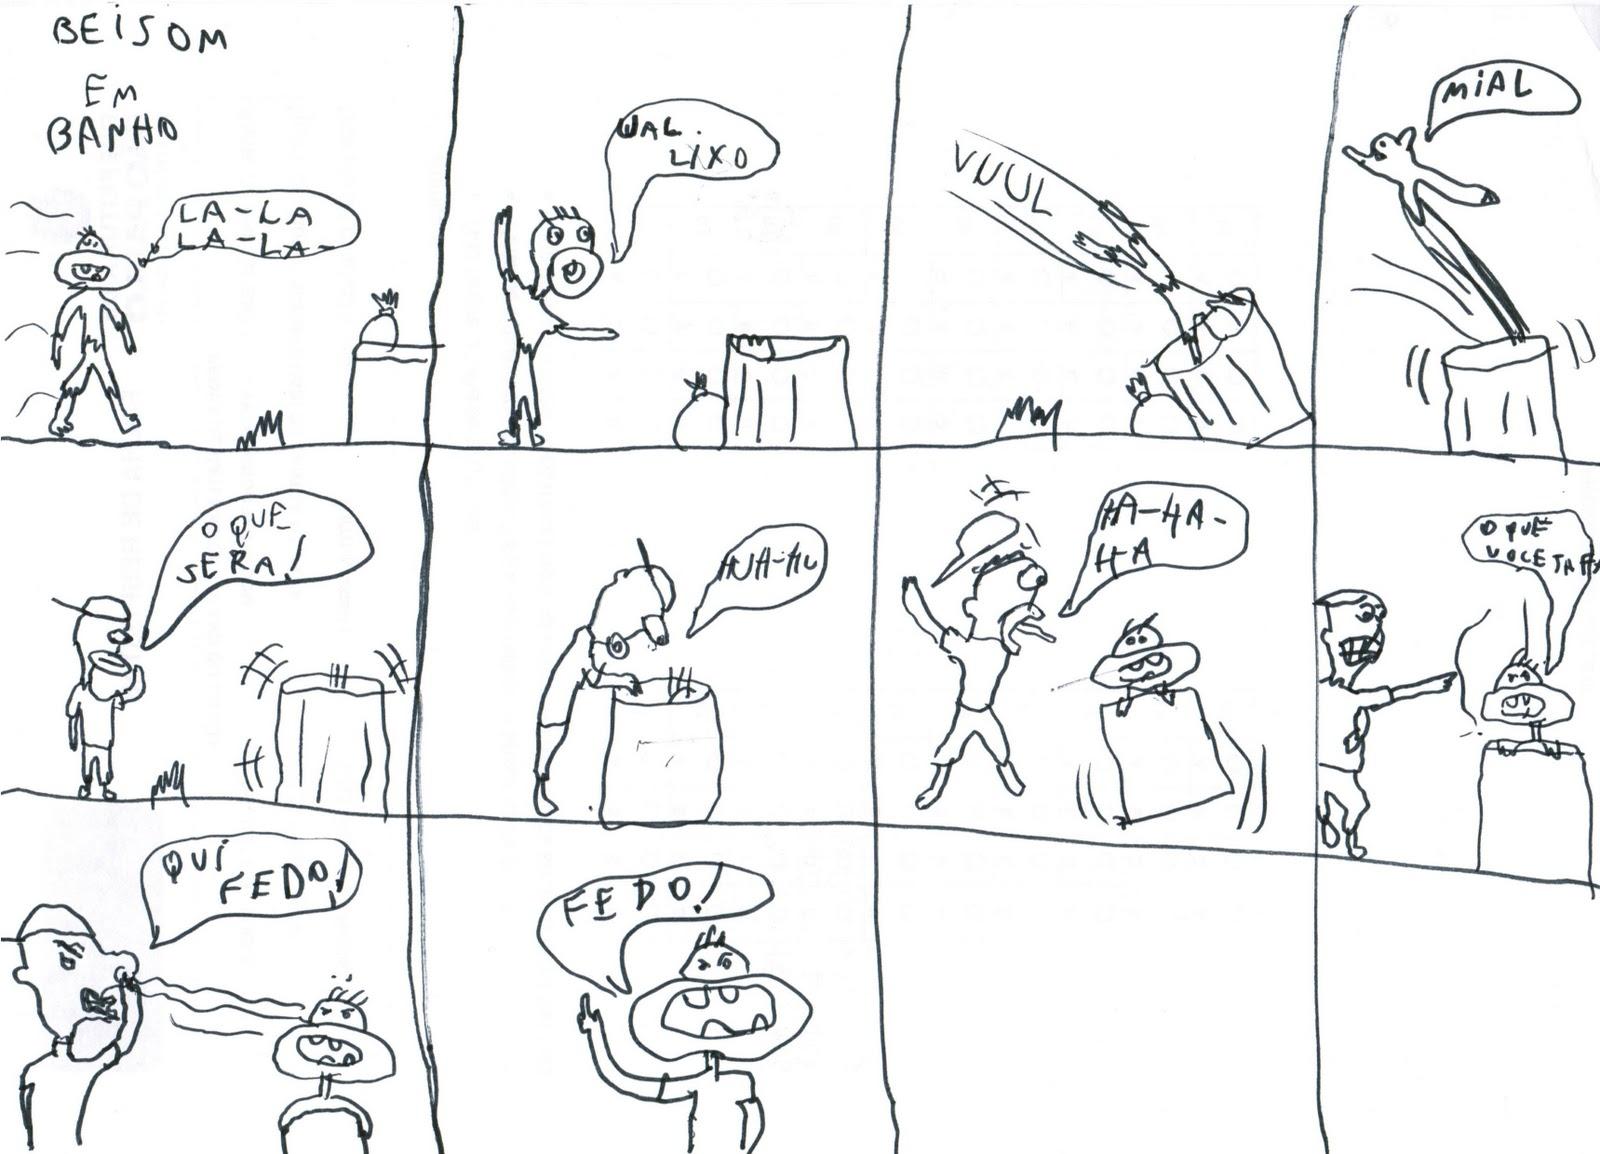 história em quadrinhos onomatopeia